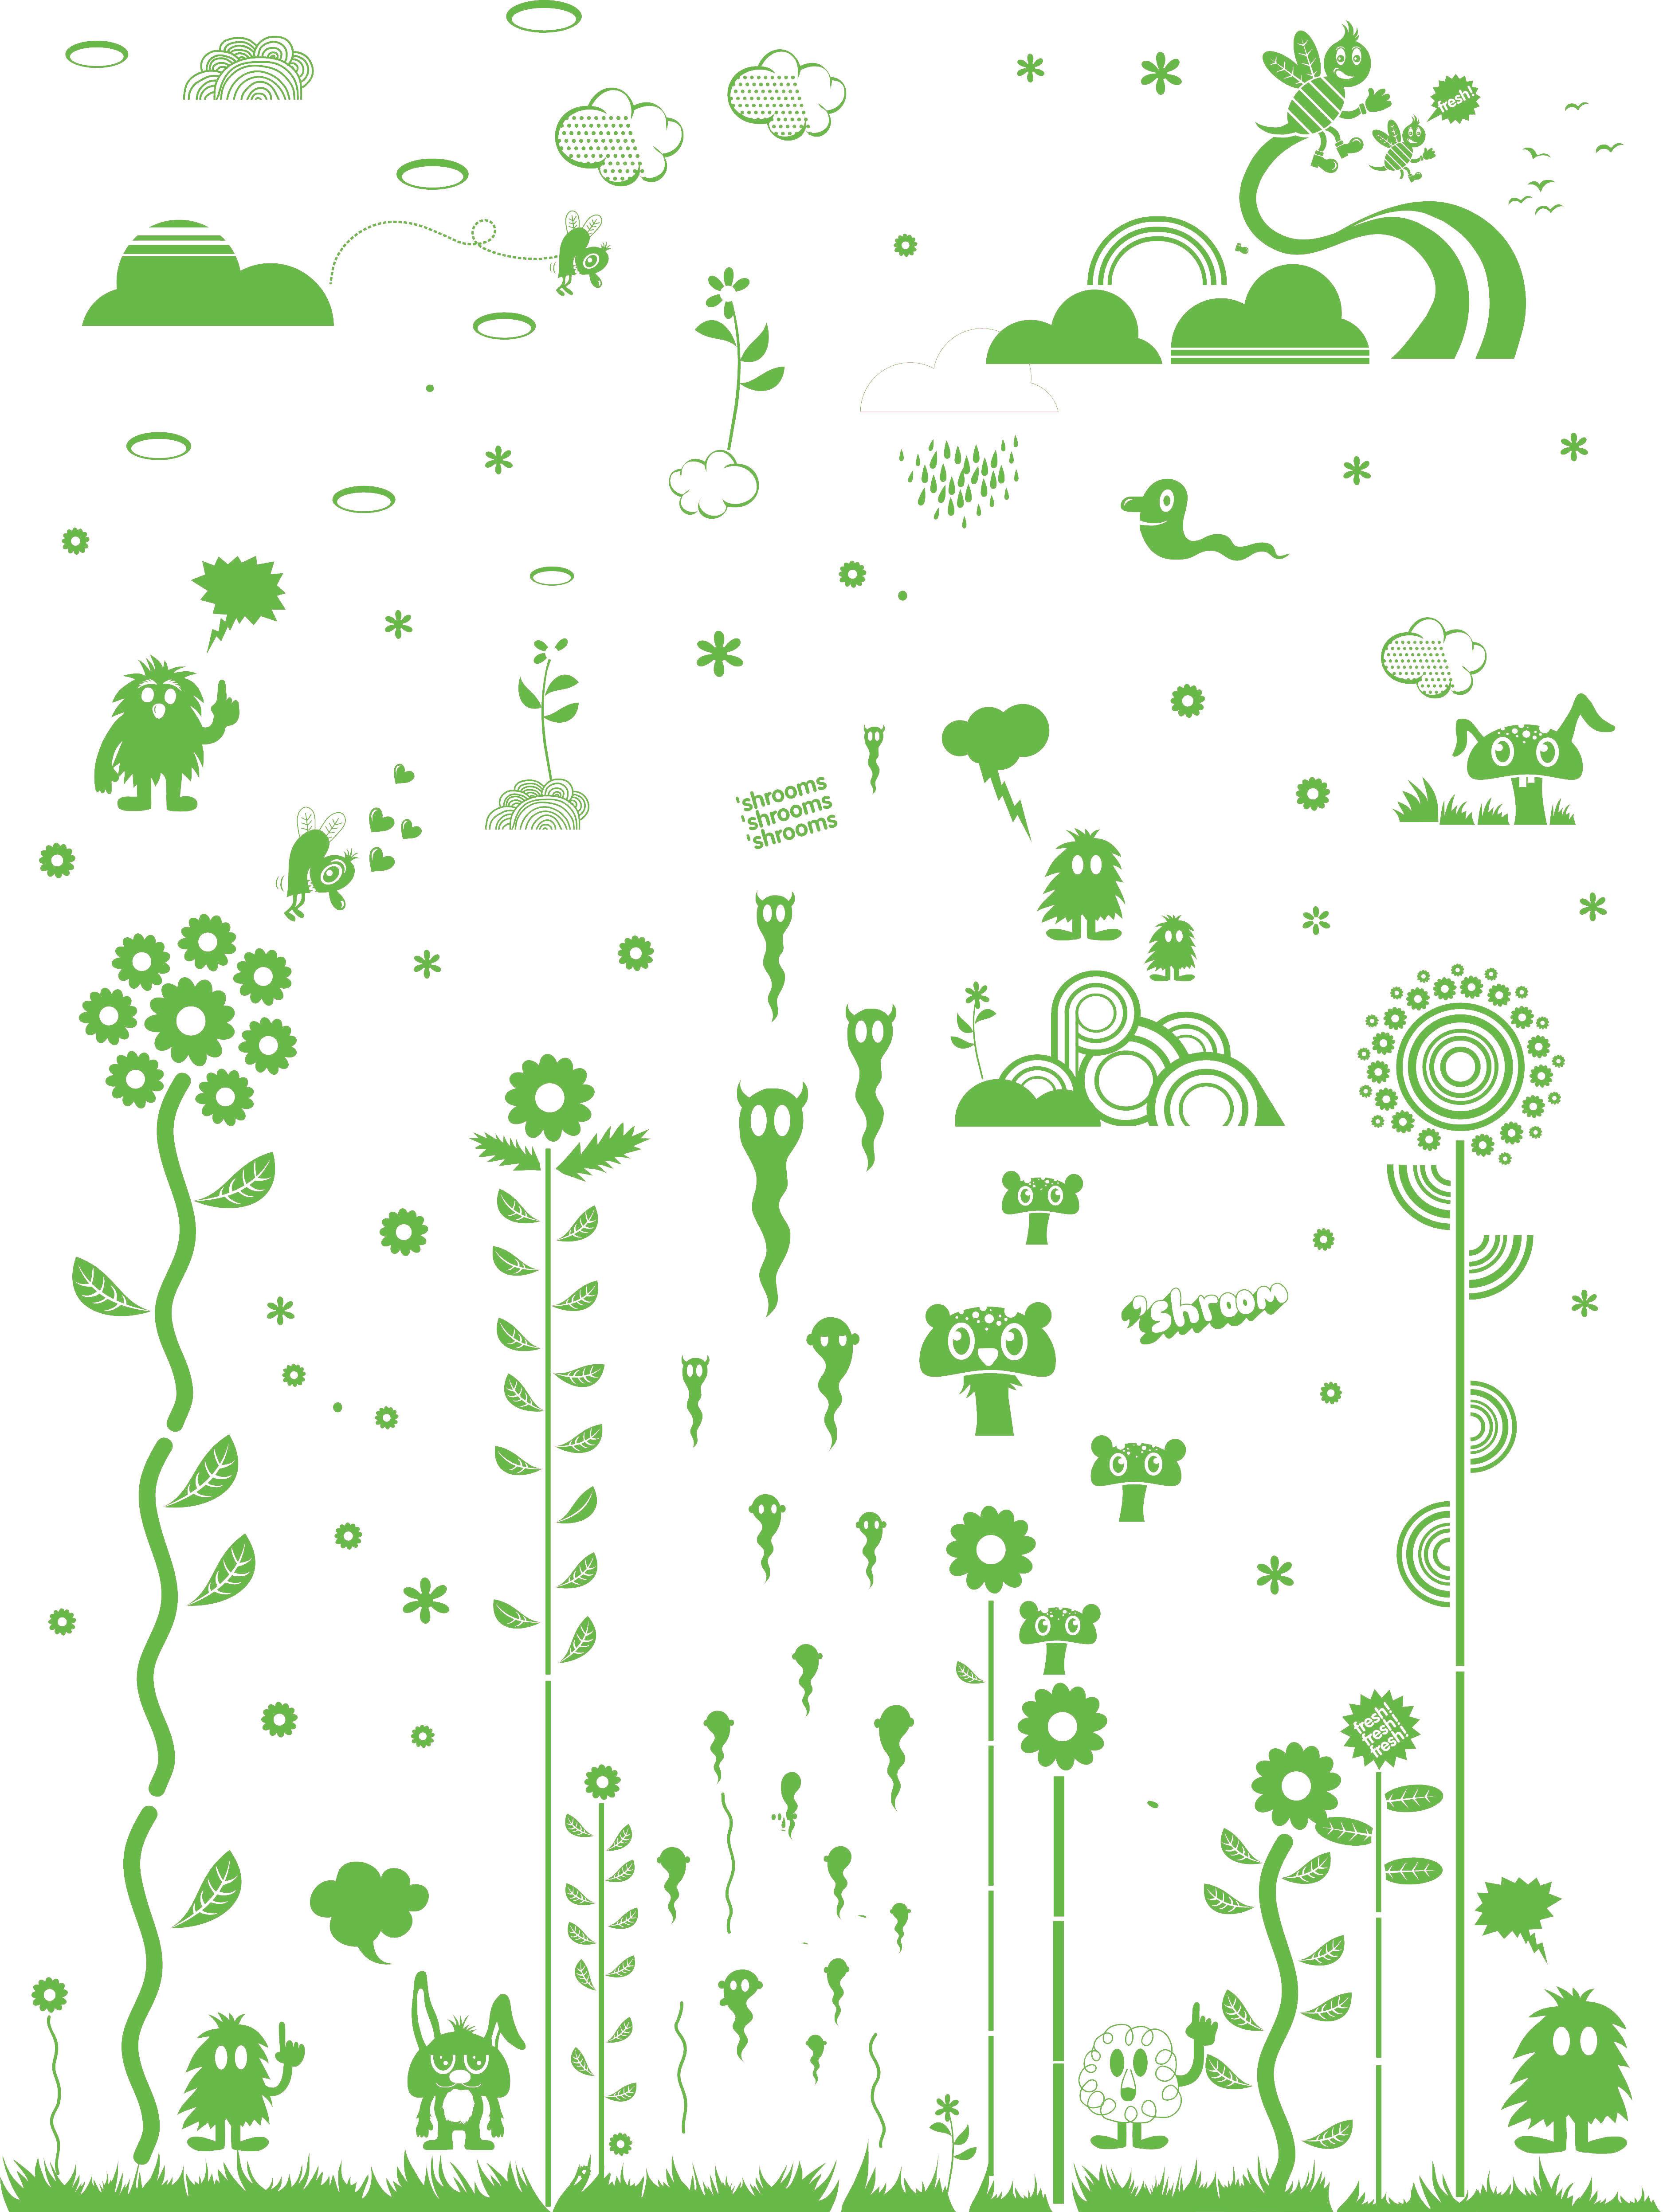 Interni - Sticker - Sticker Mushroom Forest Green di Domestic - Verde - Vinile